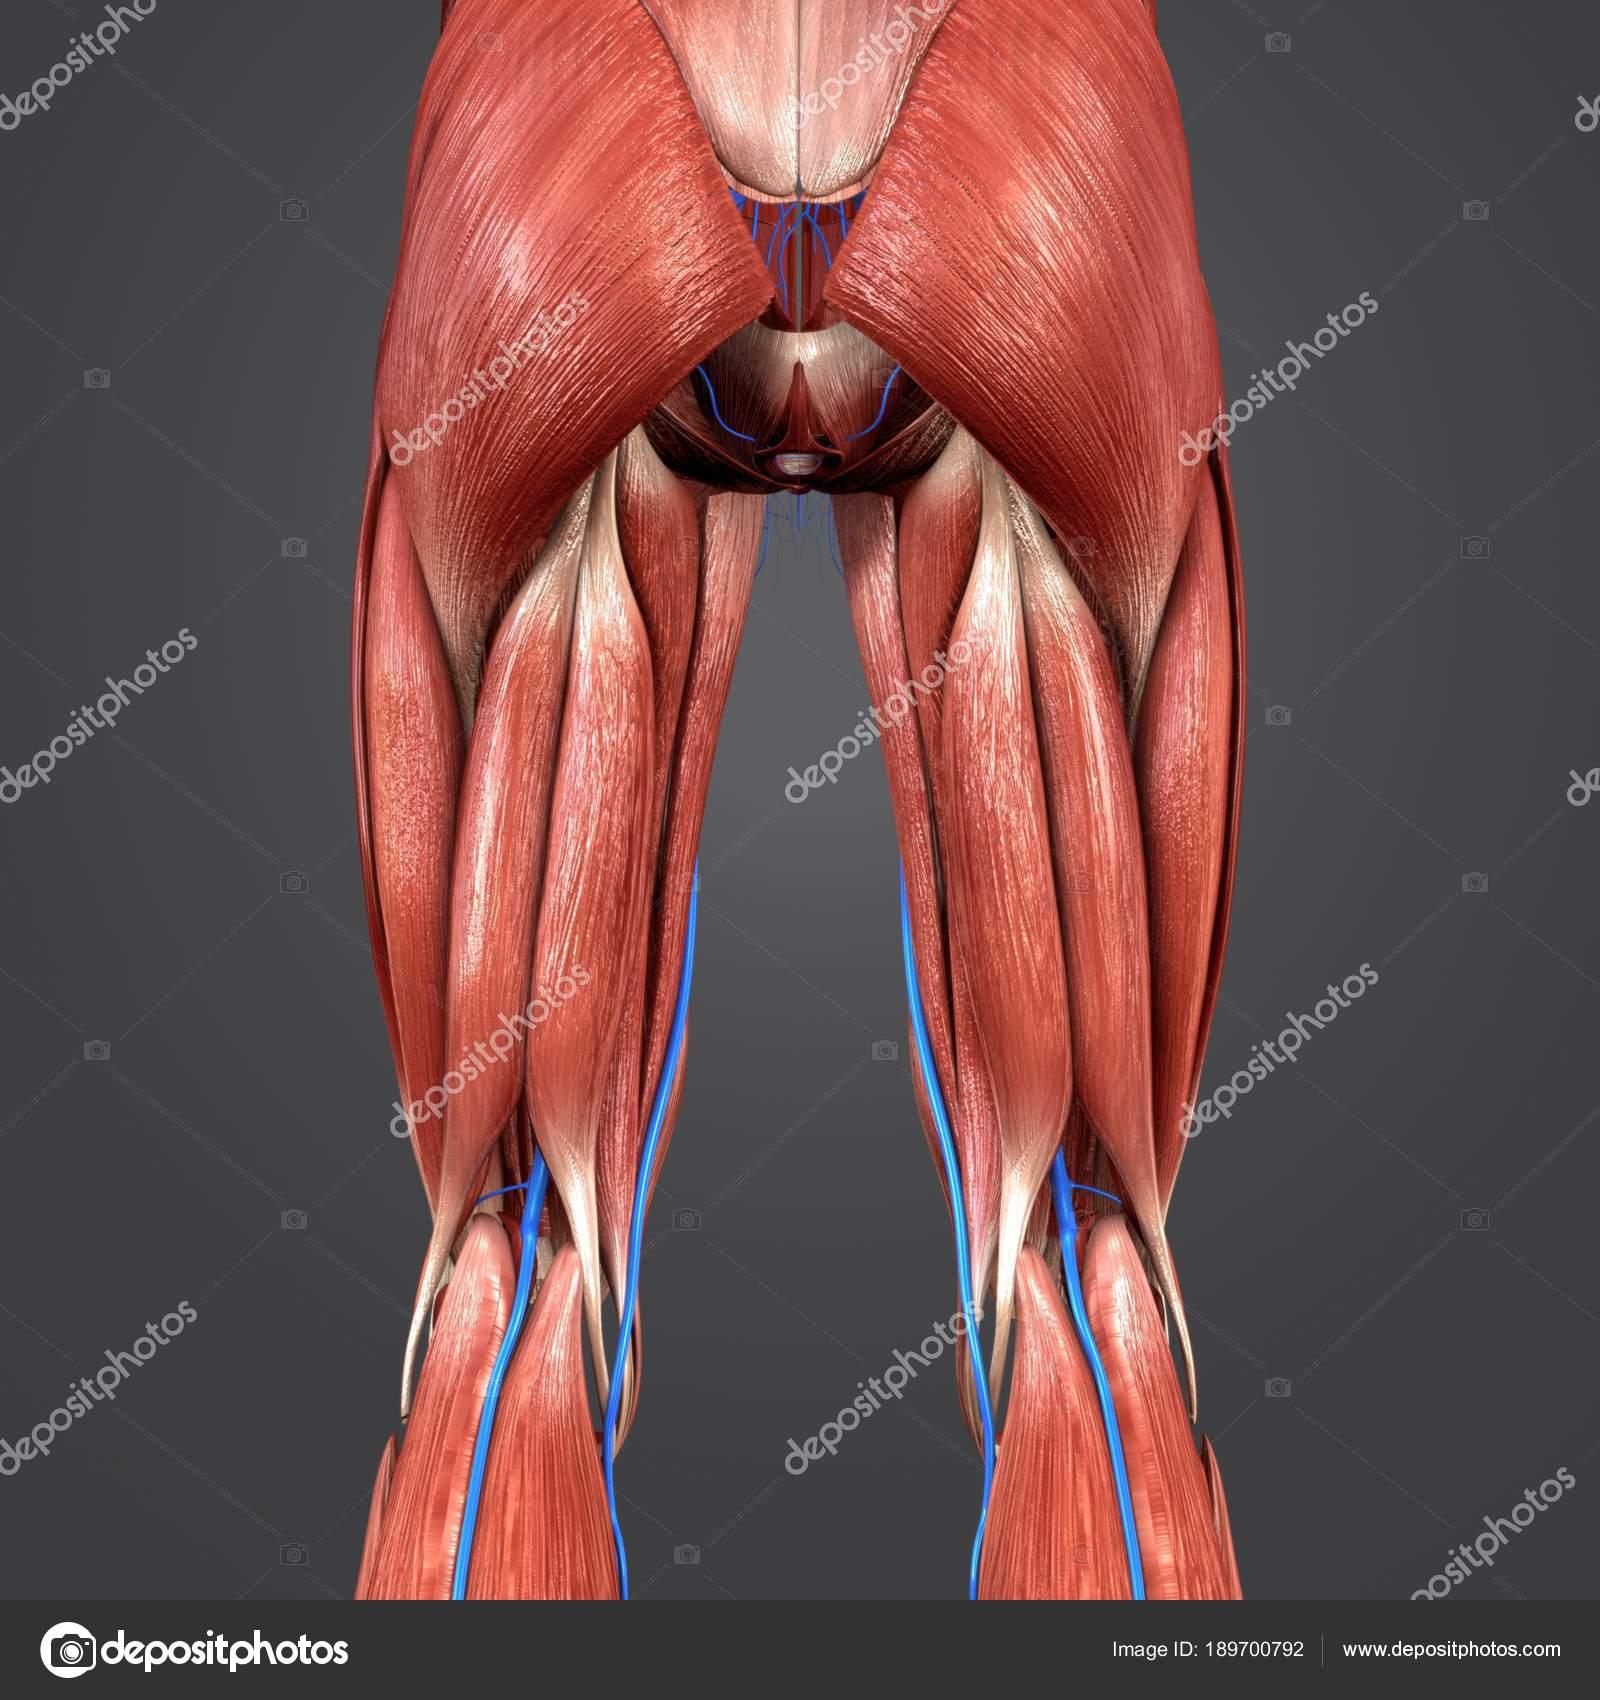 Colorida Ilustración Médica Los Miembros Inferiores Humanos Con ...